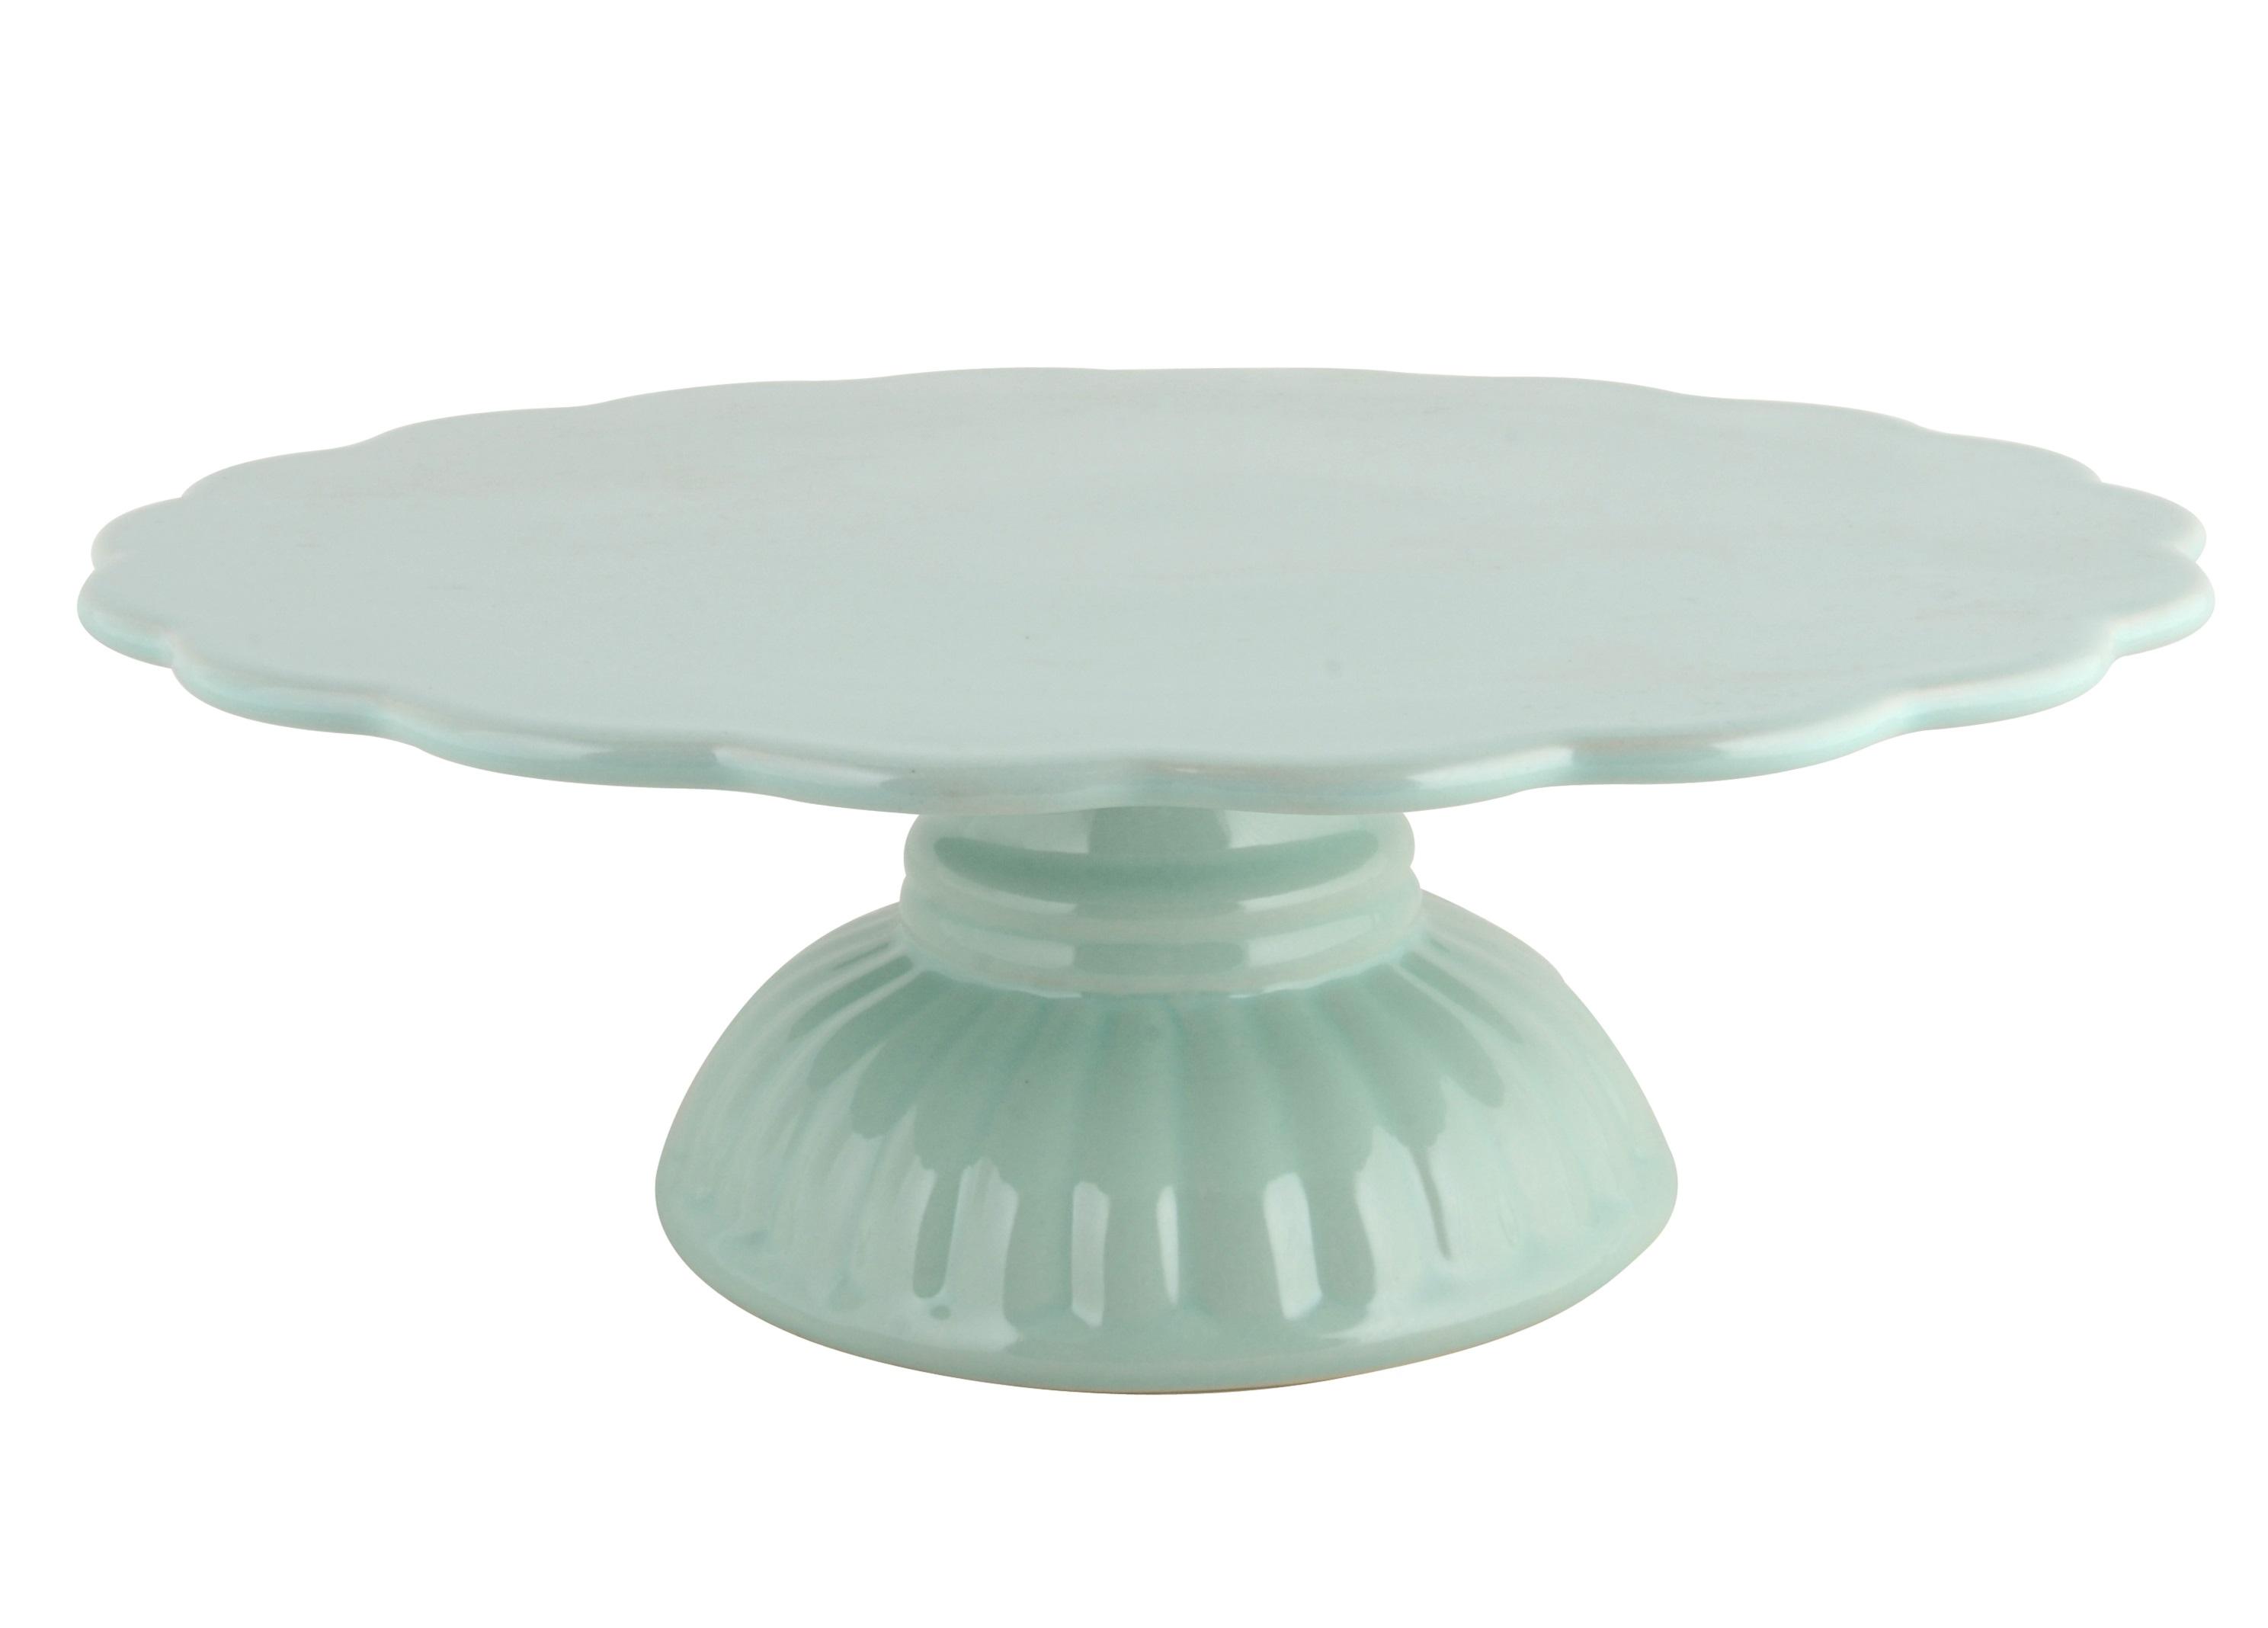 Подставка для торта и сладостейПодставки и доски<br>Можно использовать в микроволновой печи, посудомоечной машине и в духовке<br><br>Material: Керамика<br>Height см: 9<br>Diameter см: 29